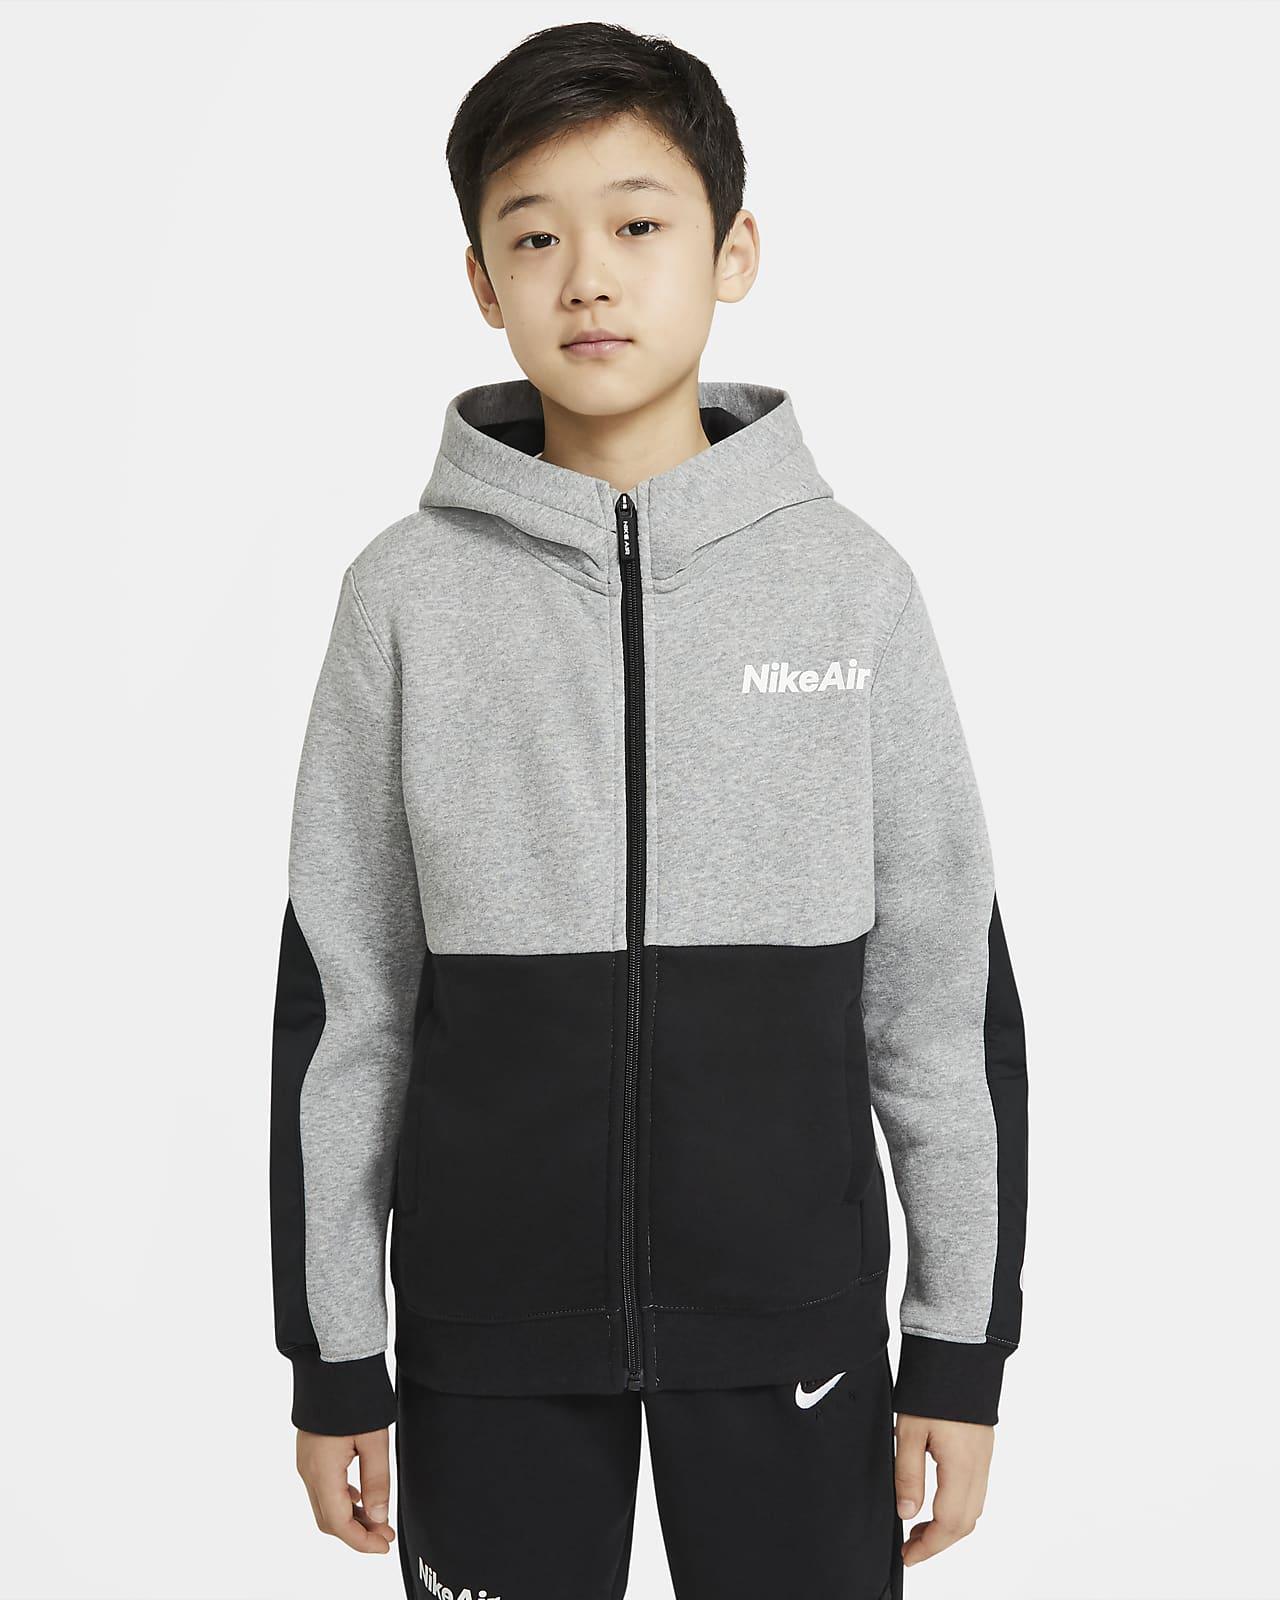 Nike Air Hoodie für ältere Kinder (Jungen) mit durchgehendem Reißverschluss